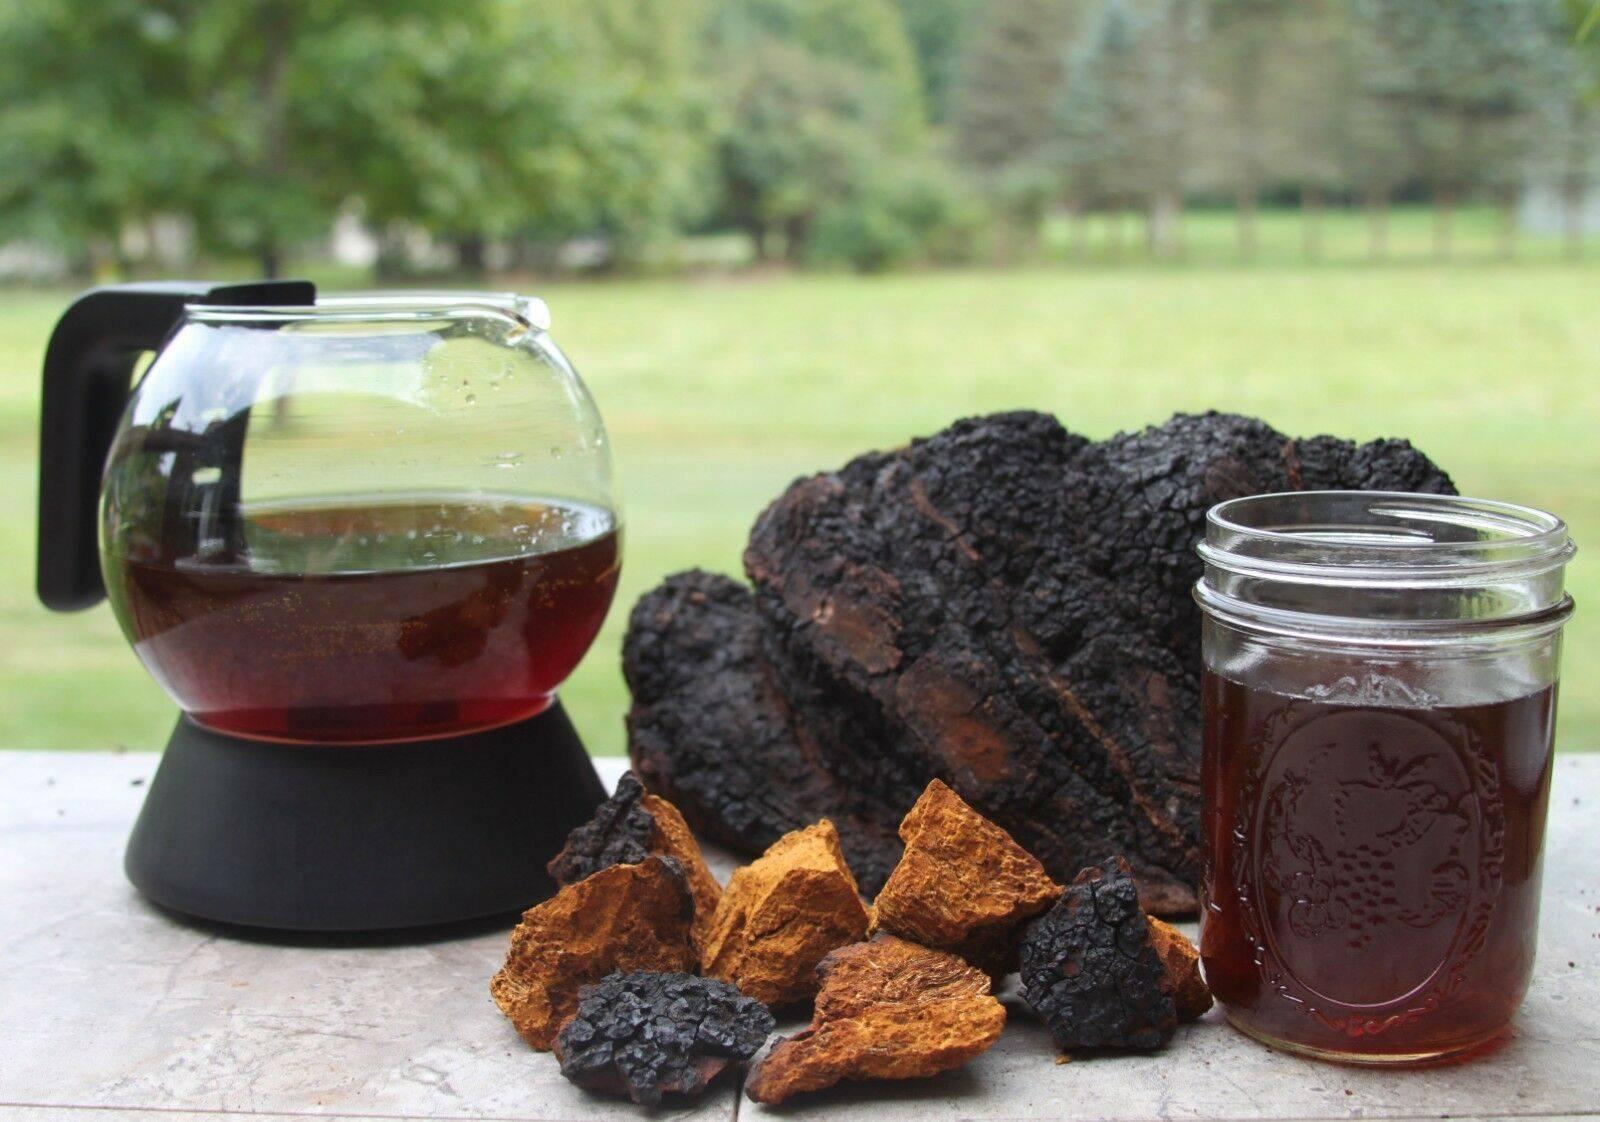 Чага (берёзовый гриб) – полезные свойства и применение чаги, как настаивать чагу? лечение чагой при онкологии, рецепты, настойка, противопоказания